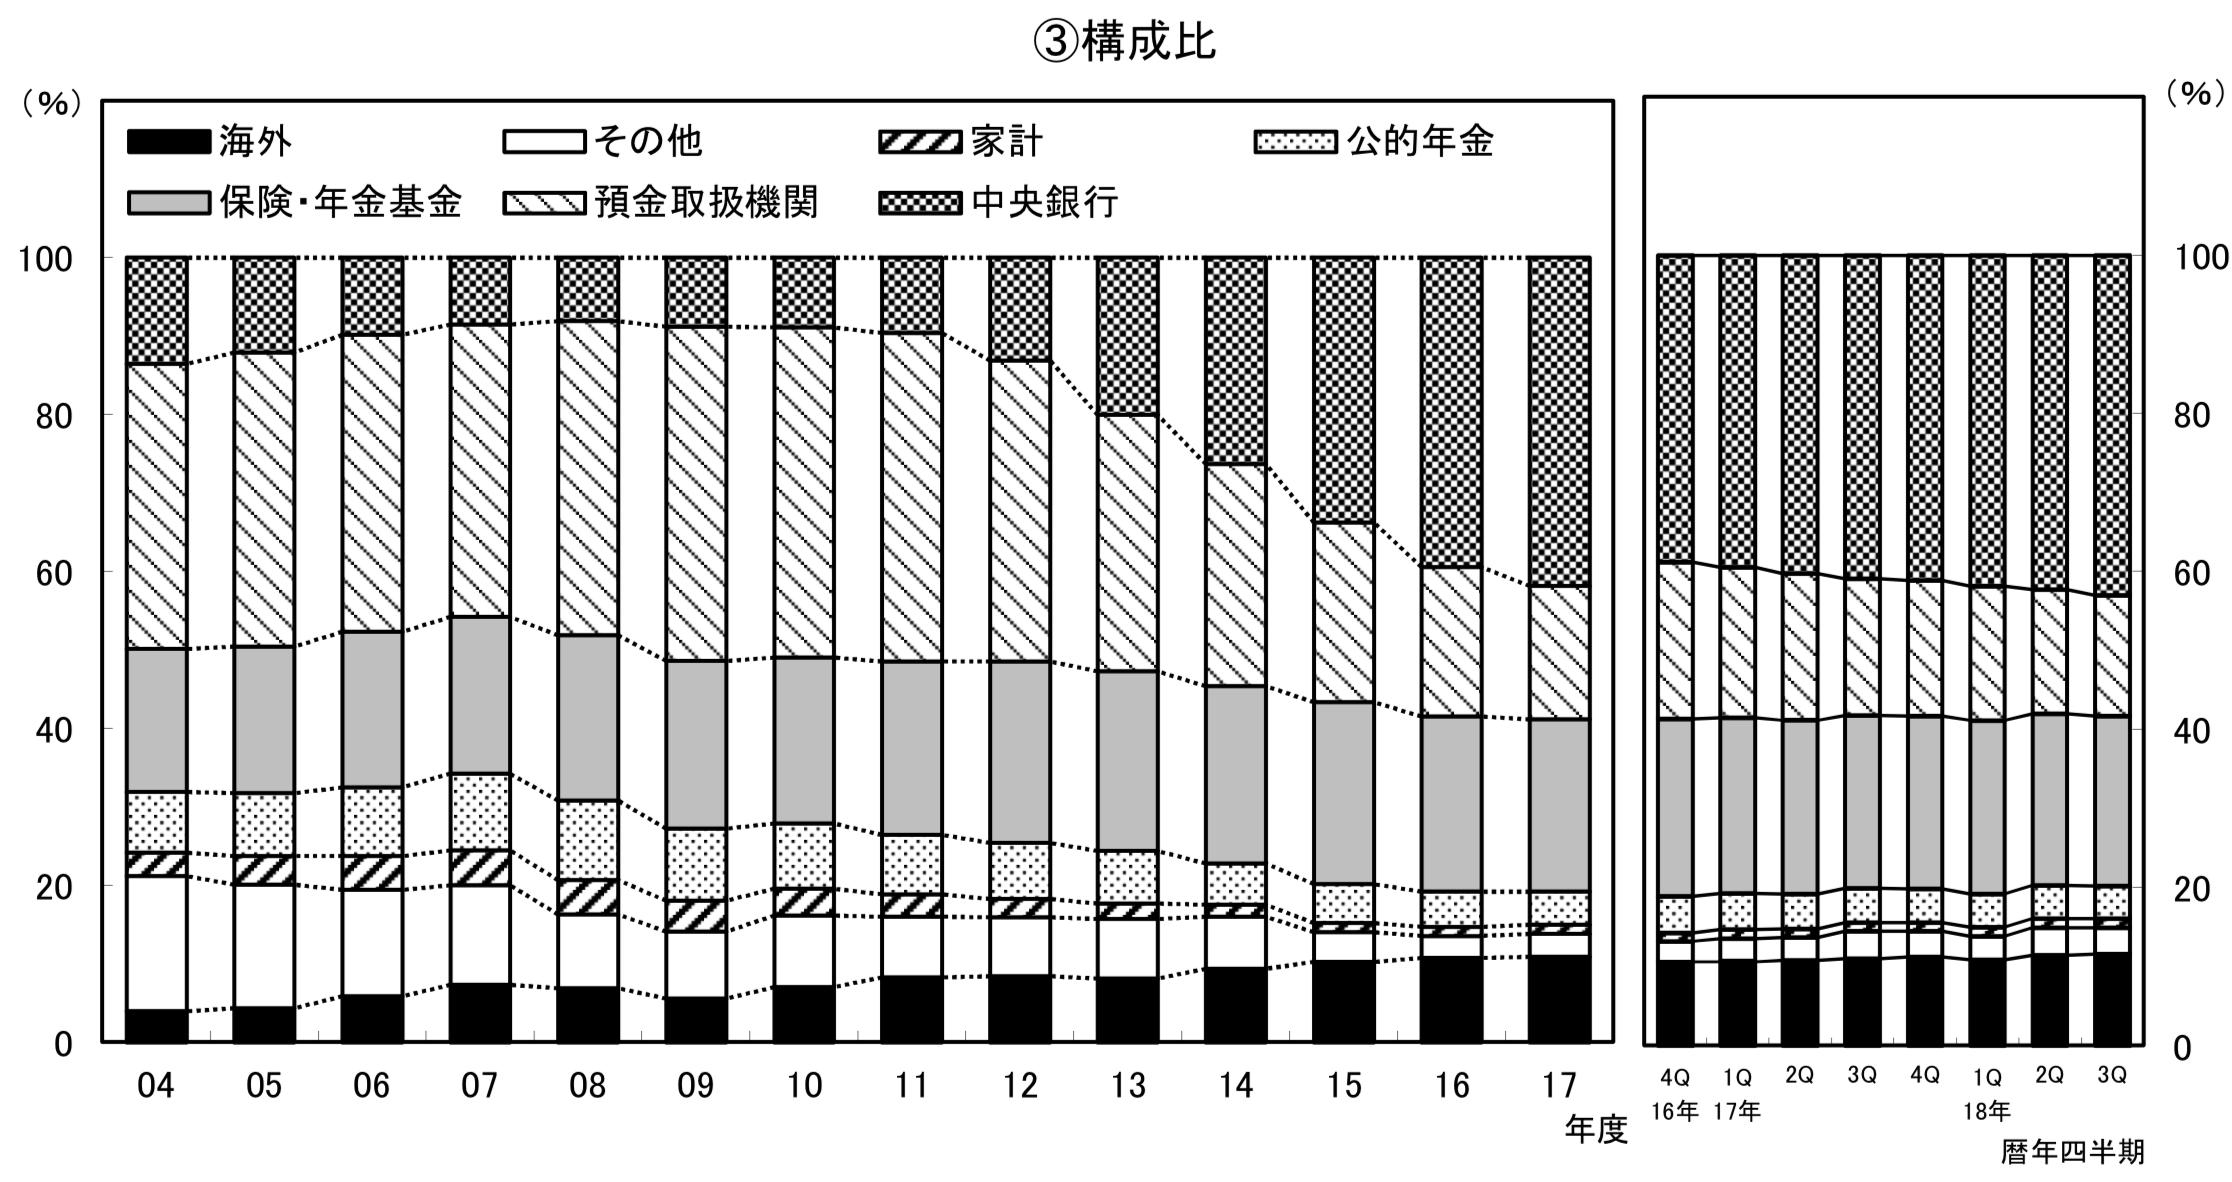 日本国債の各主体毎の保有比率